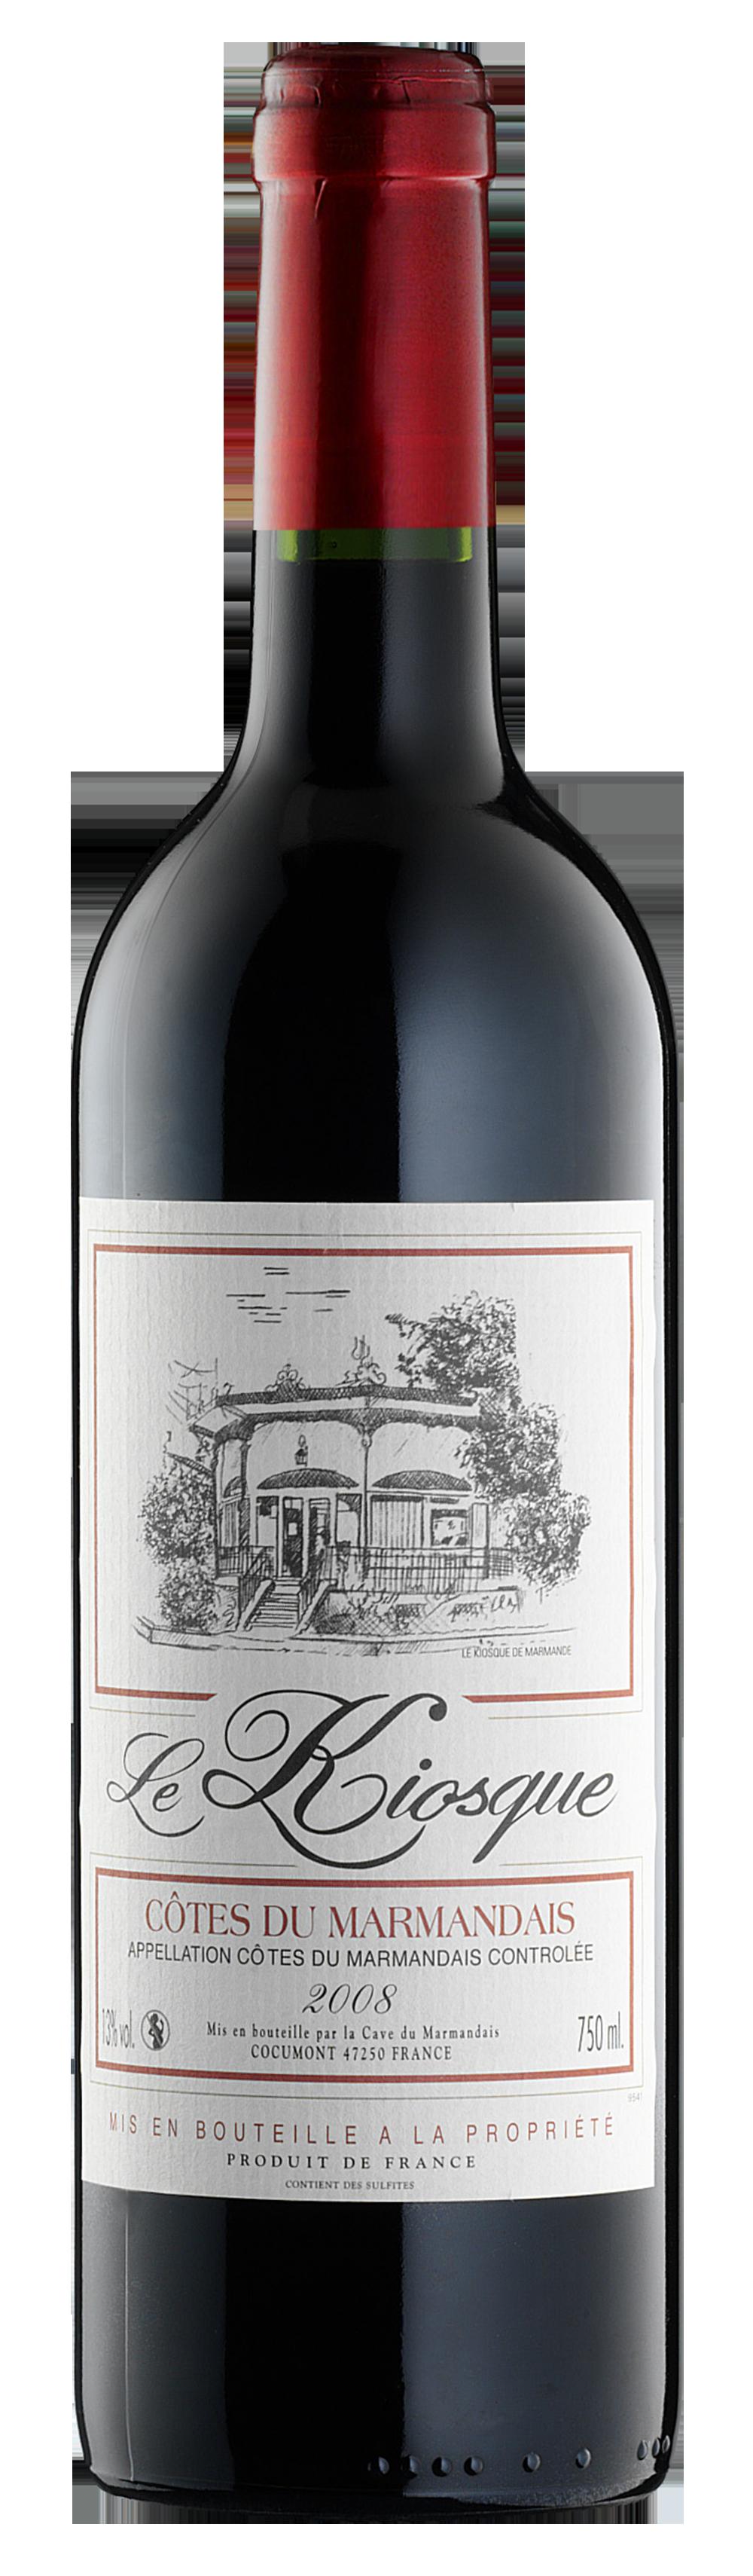 法國AOP堡士奇紅葡萄酒